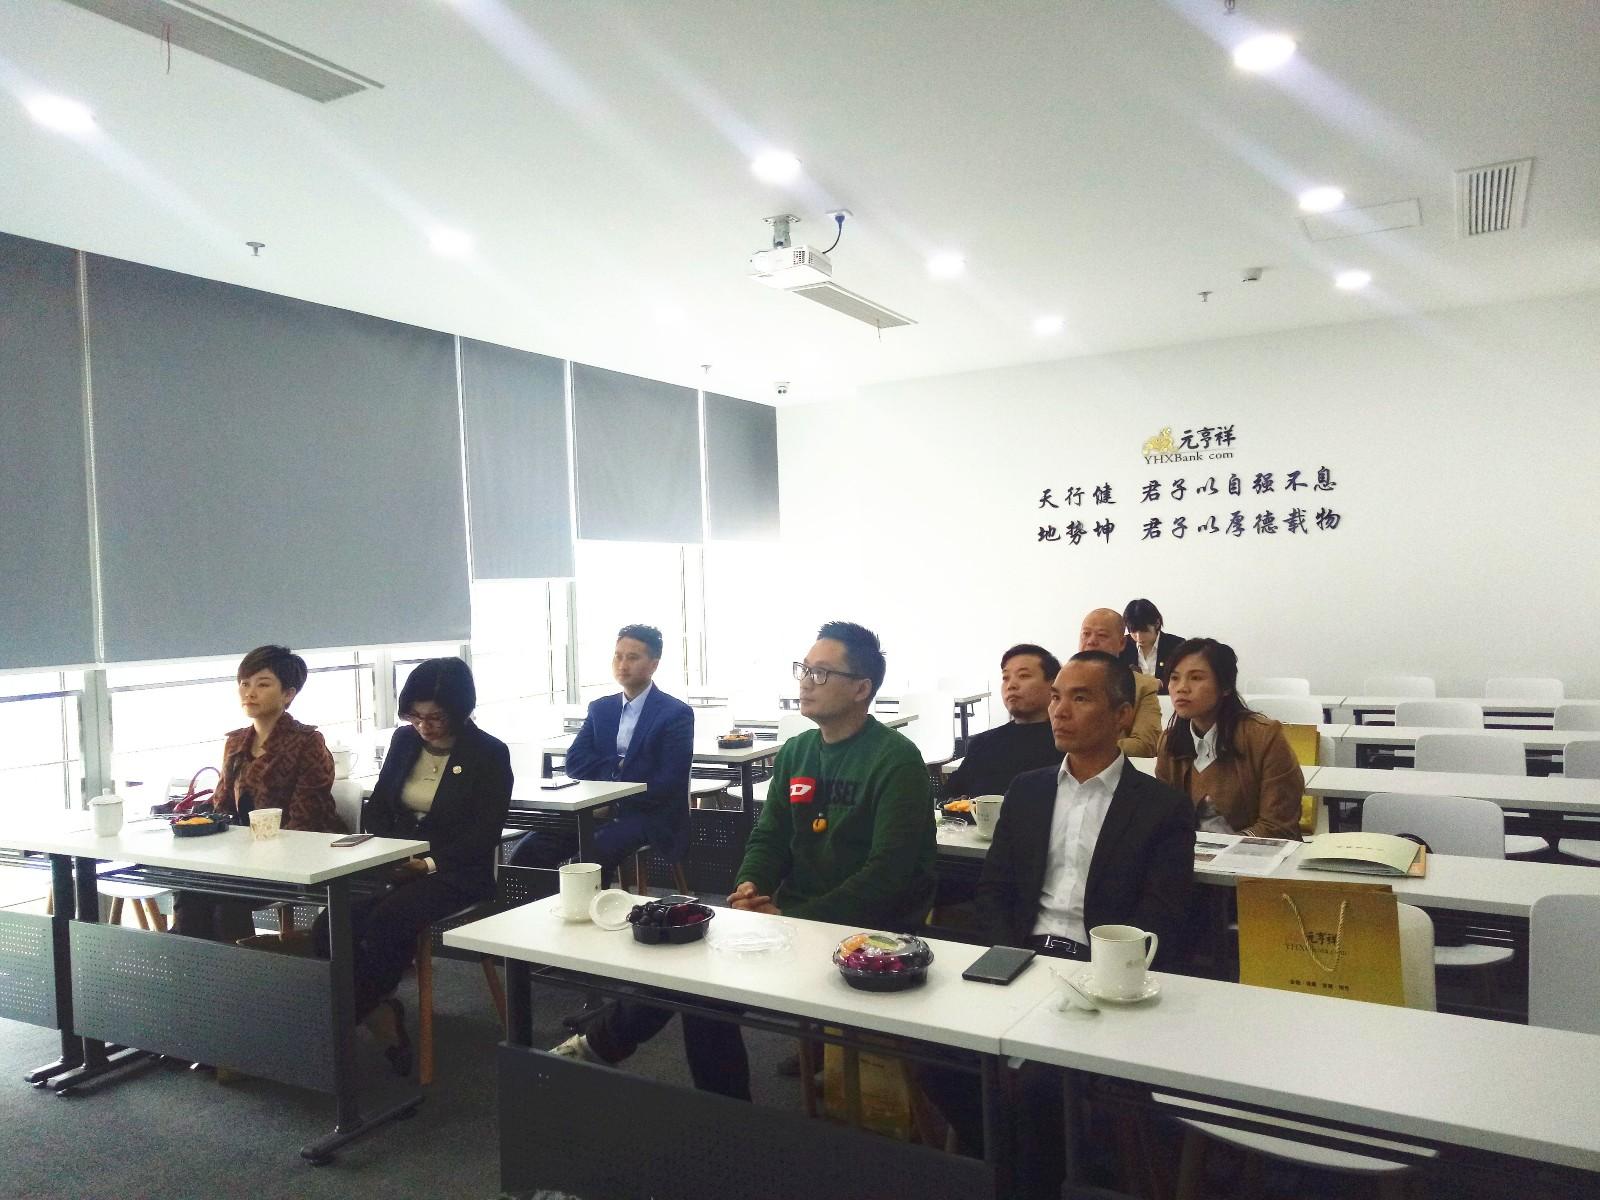 竞博jbo下载安卓竞博体育app下载安卓竞博官网app2018年第十次会员互访活动